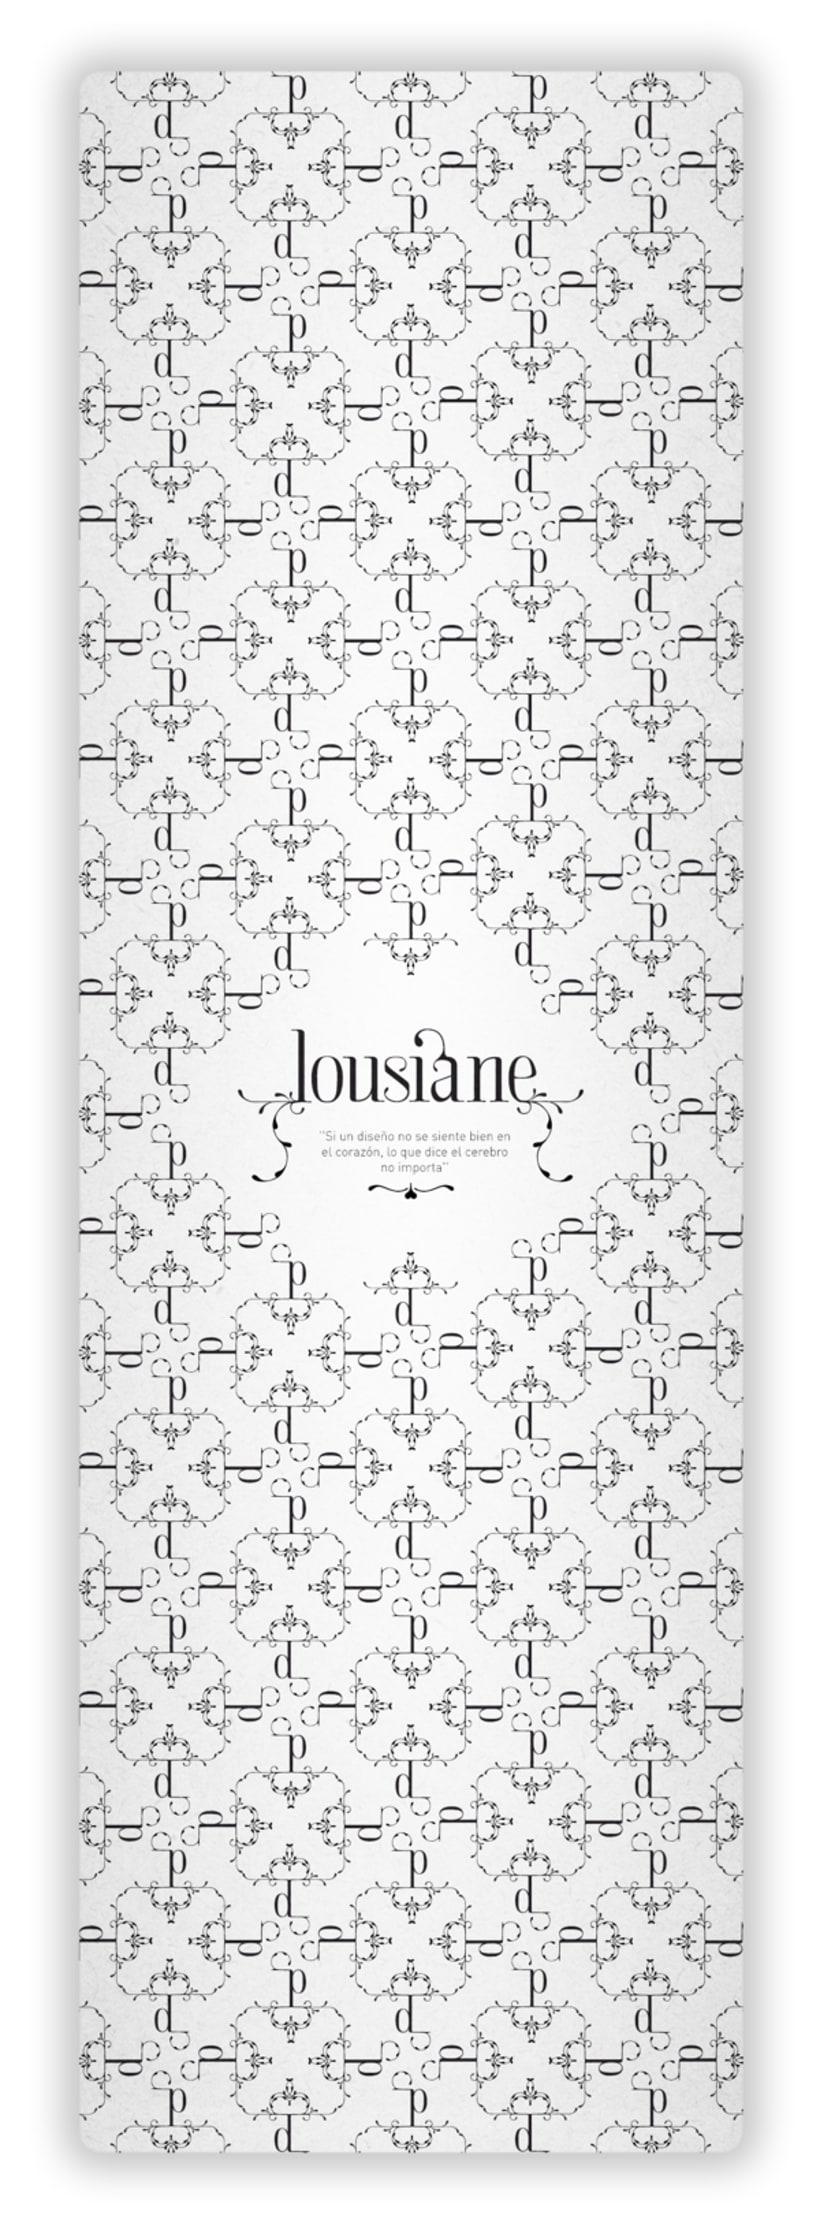 LOUSIANE (free font) 18